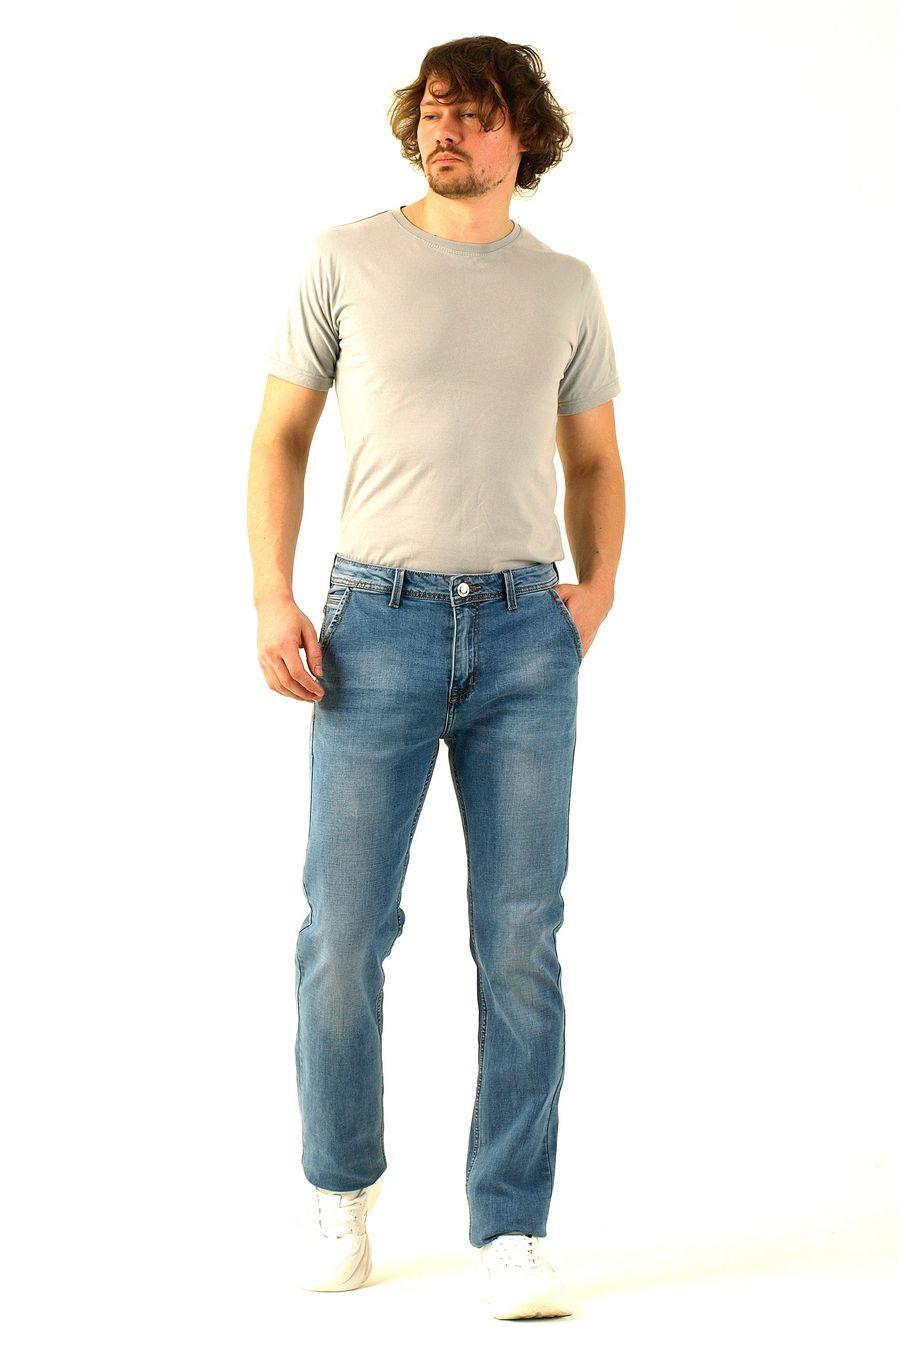 Джинсы мужские Arnold 3606 L36 - фото 1